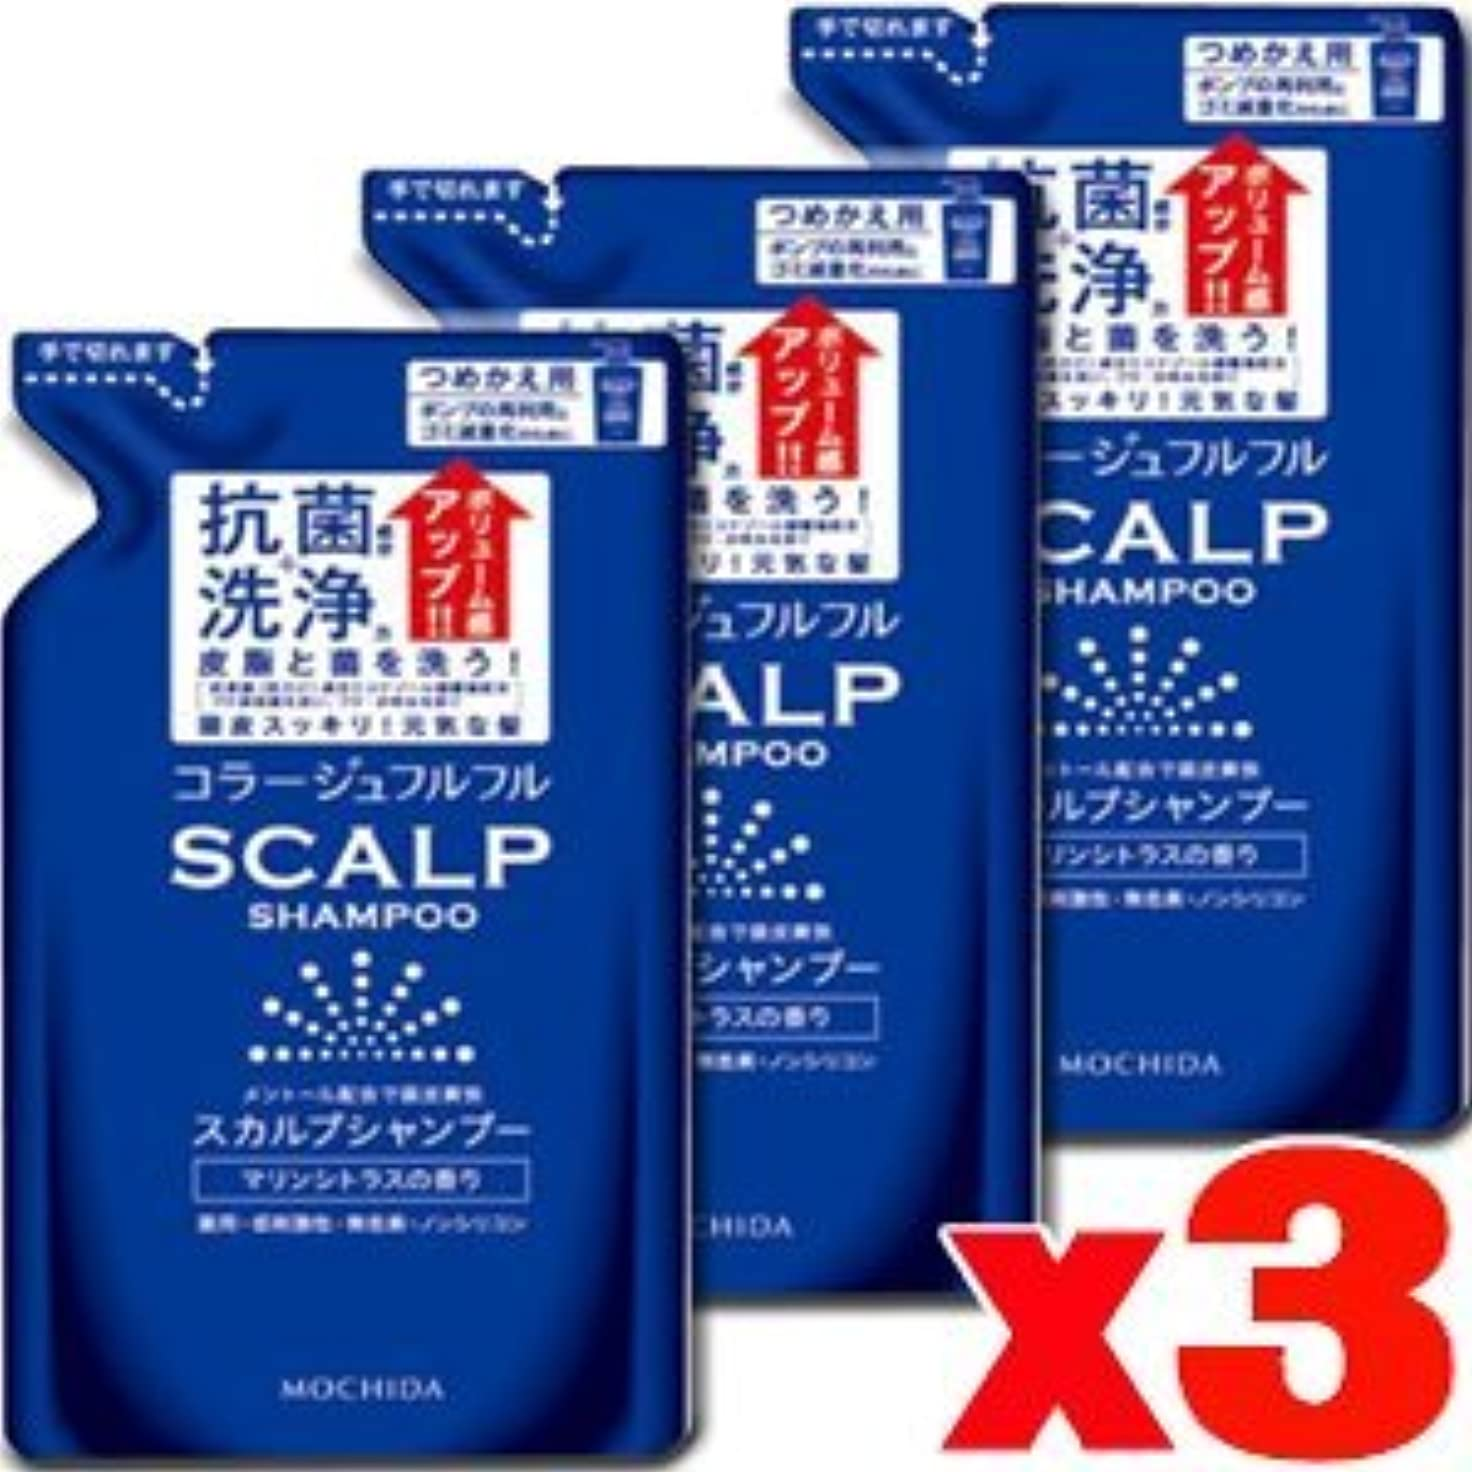 【詰替えx3個】コラージュフルフル スカルプシャンプーマリンシトラスの香り 詰替え260mlx3個(4987767660462-3)